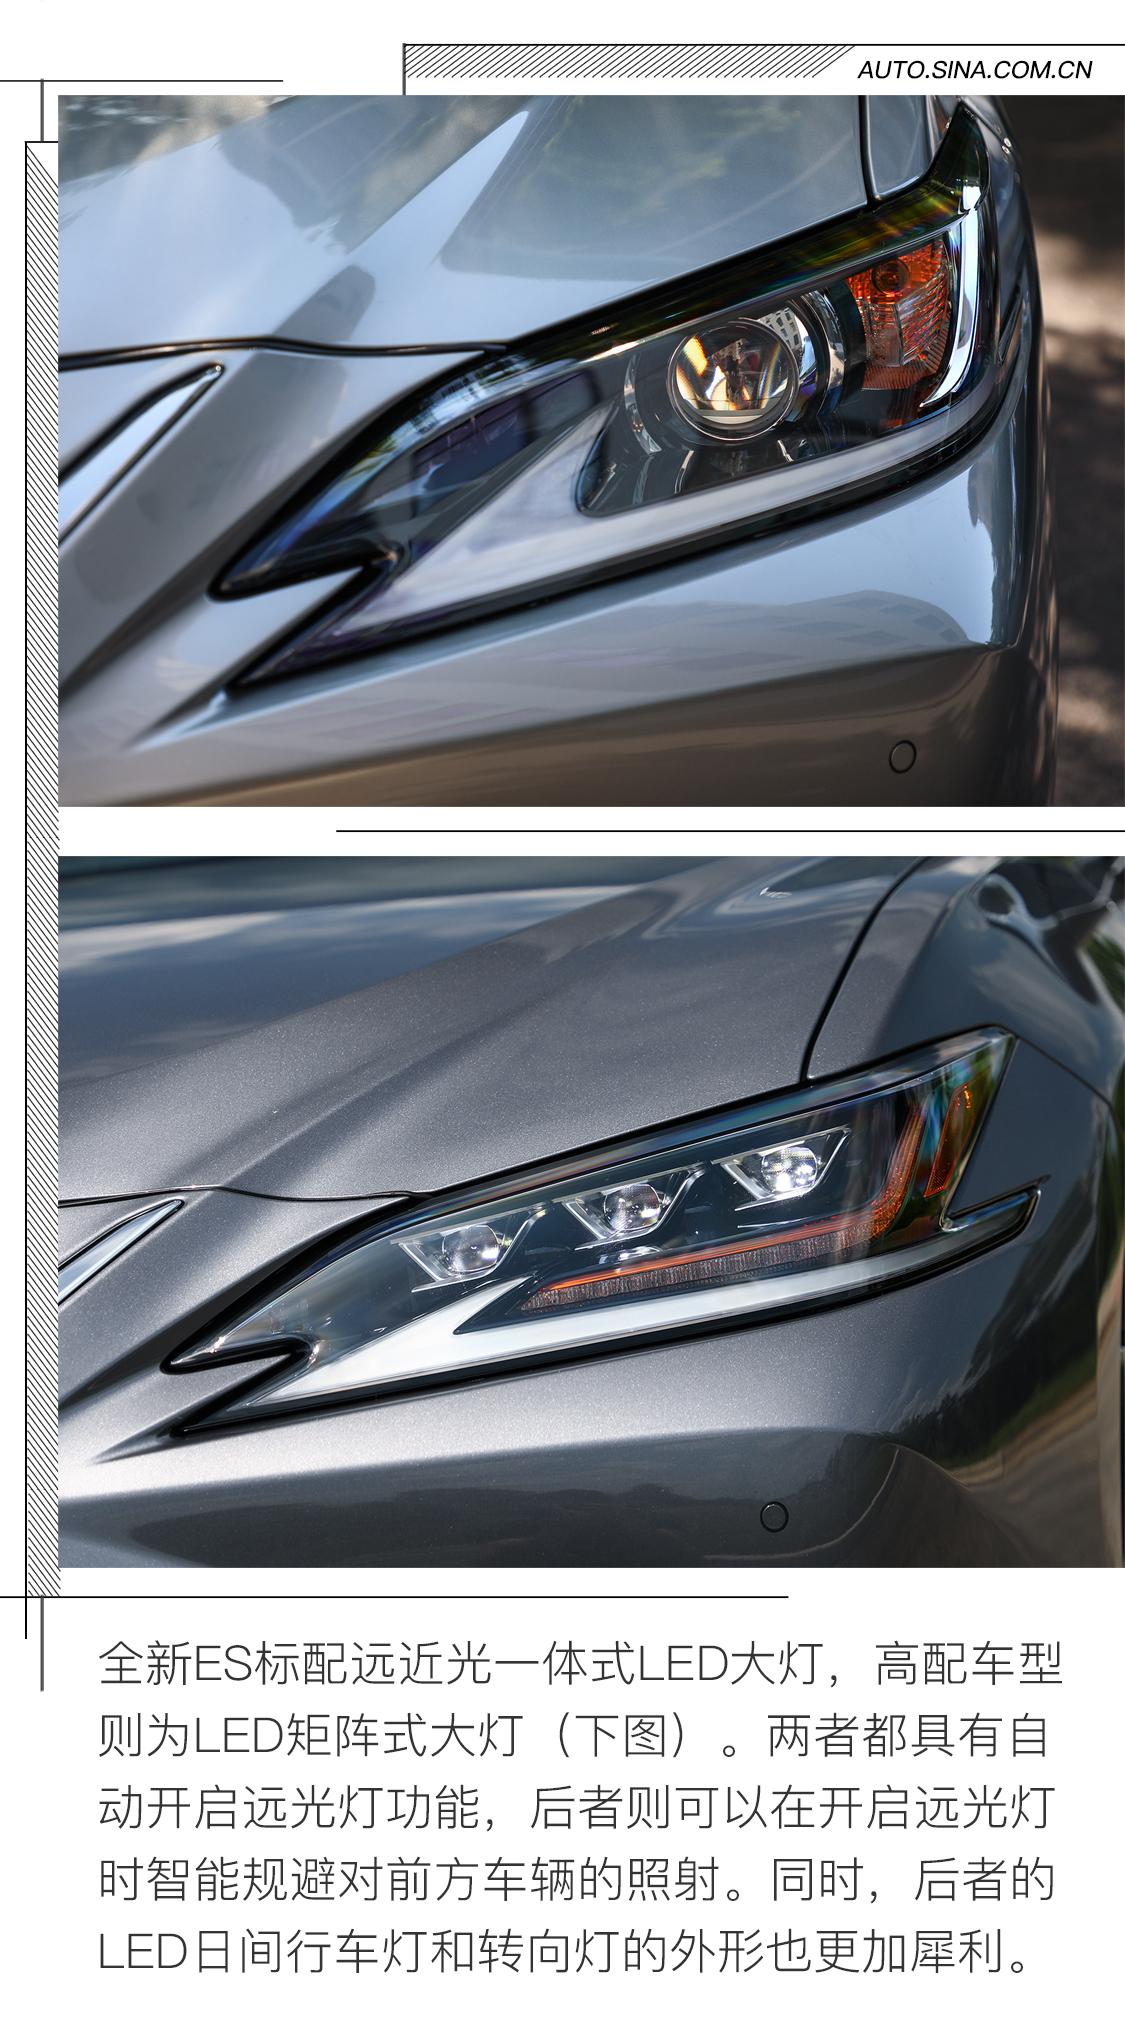 更舒适也更绅士 试驾雷克萨斯全新ES 300h